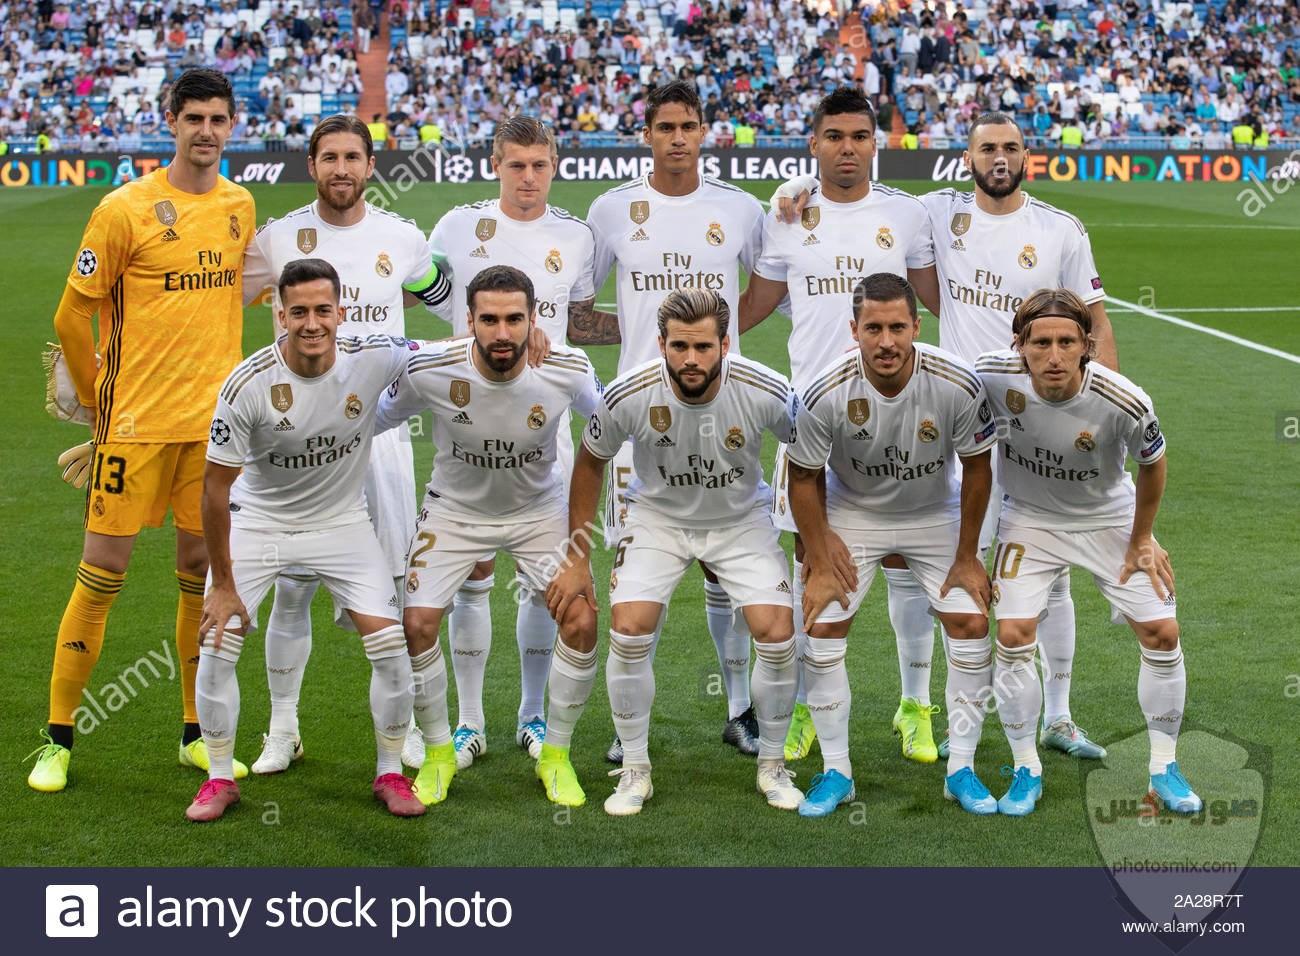 فريق ريال مدريد 11